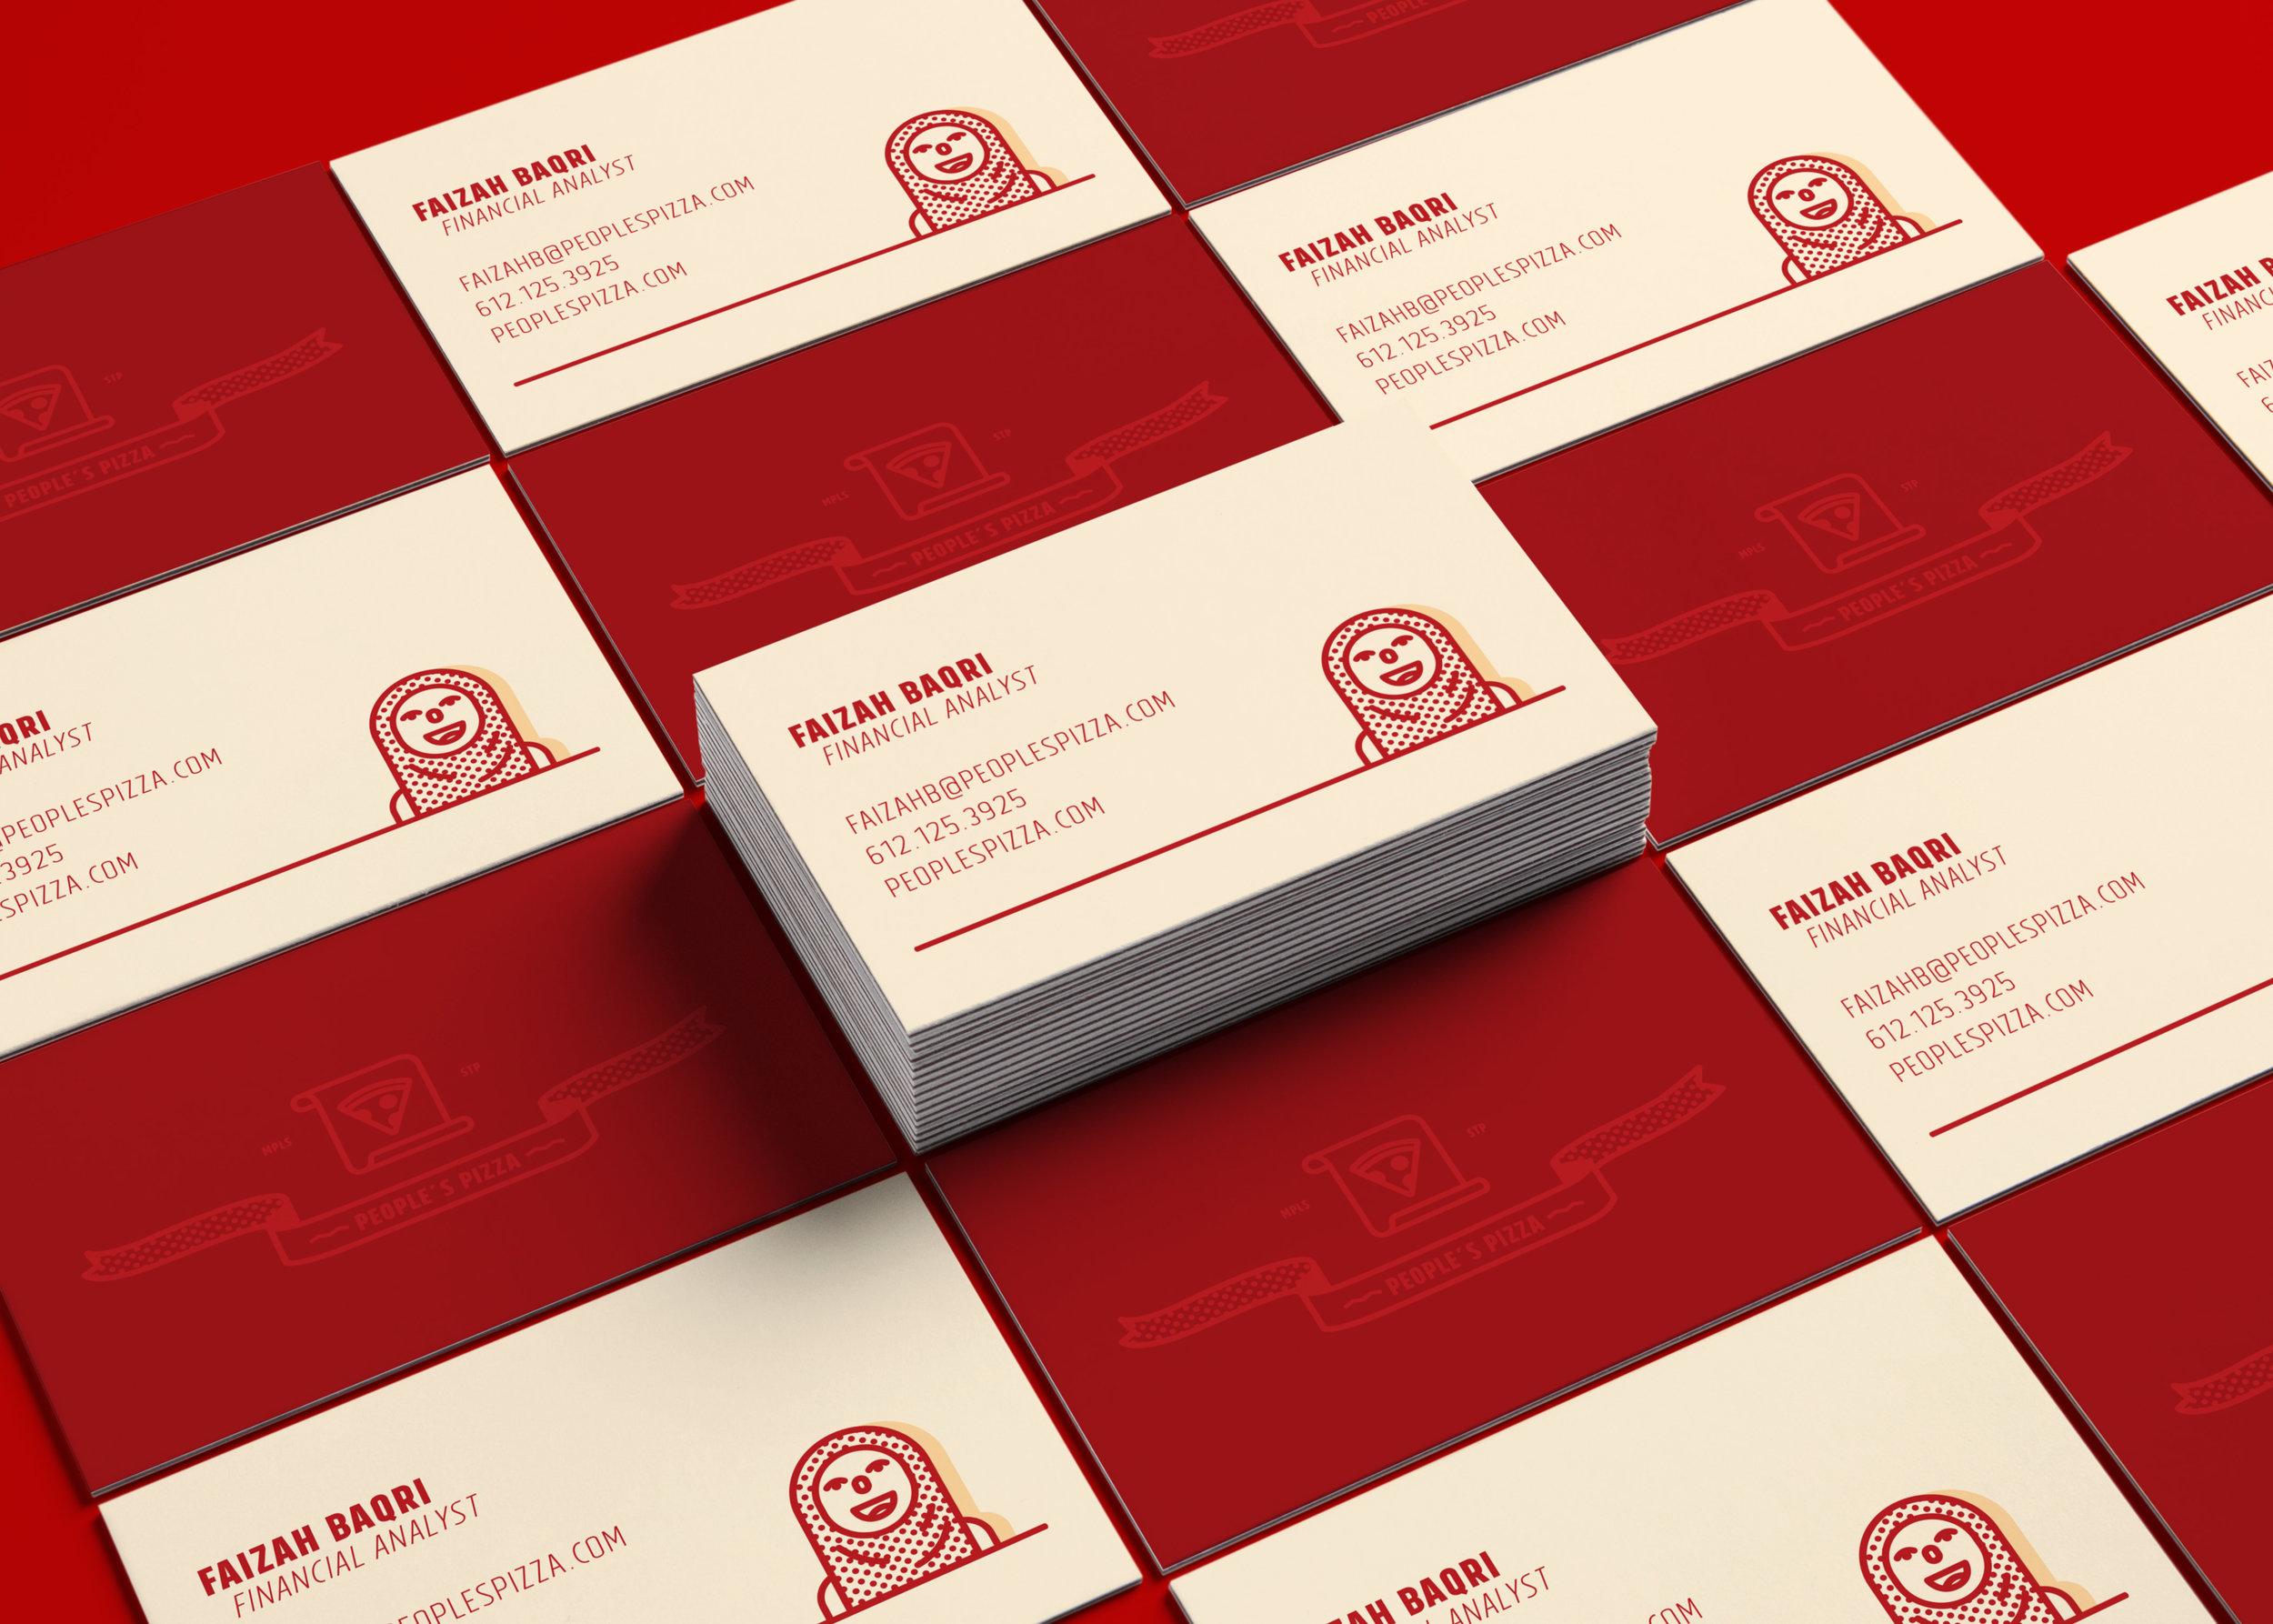 businesscardspecial.jpg